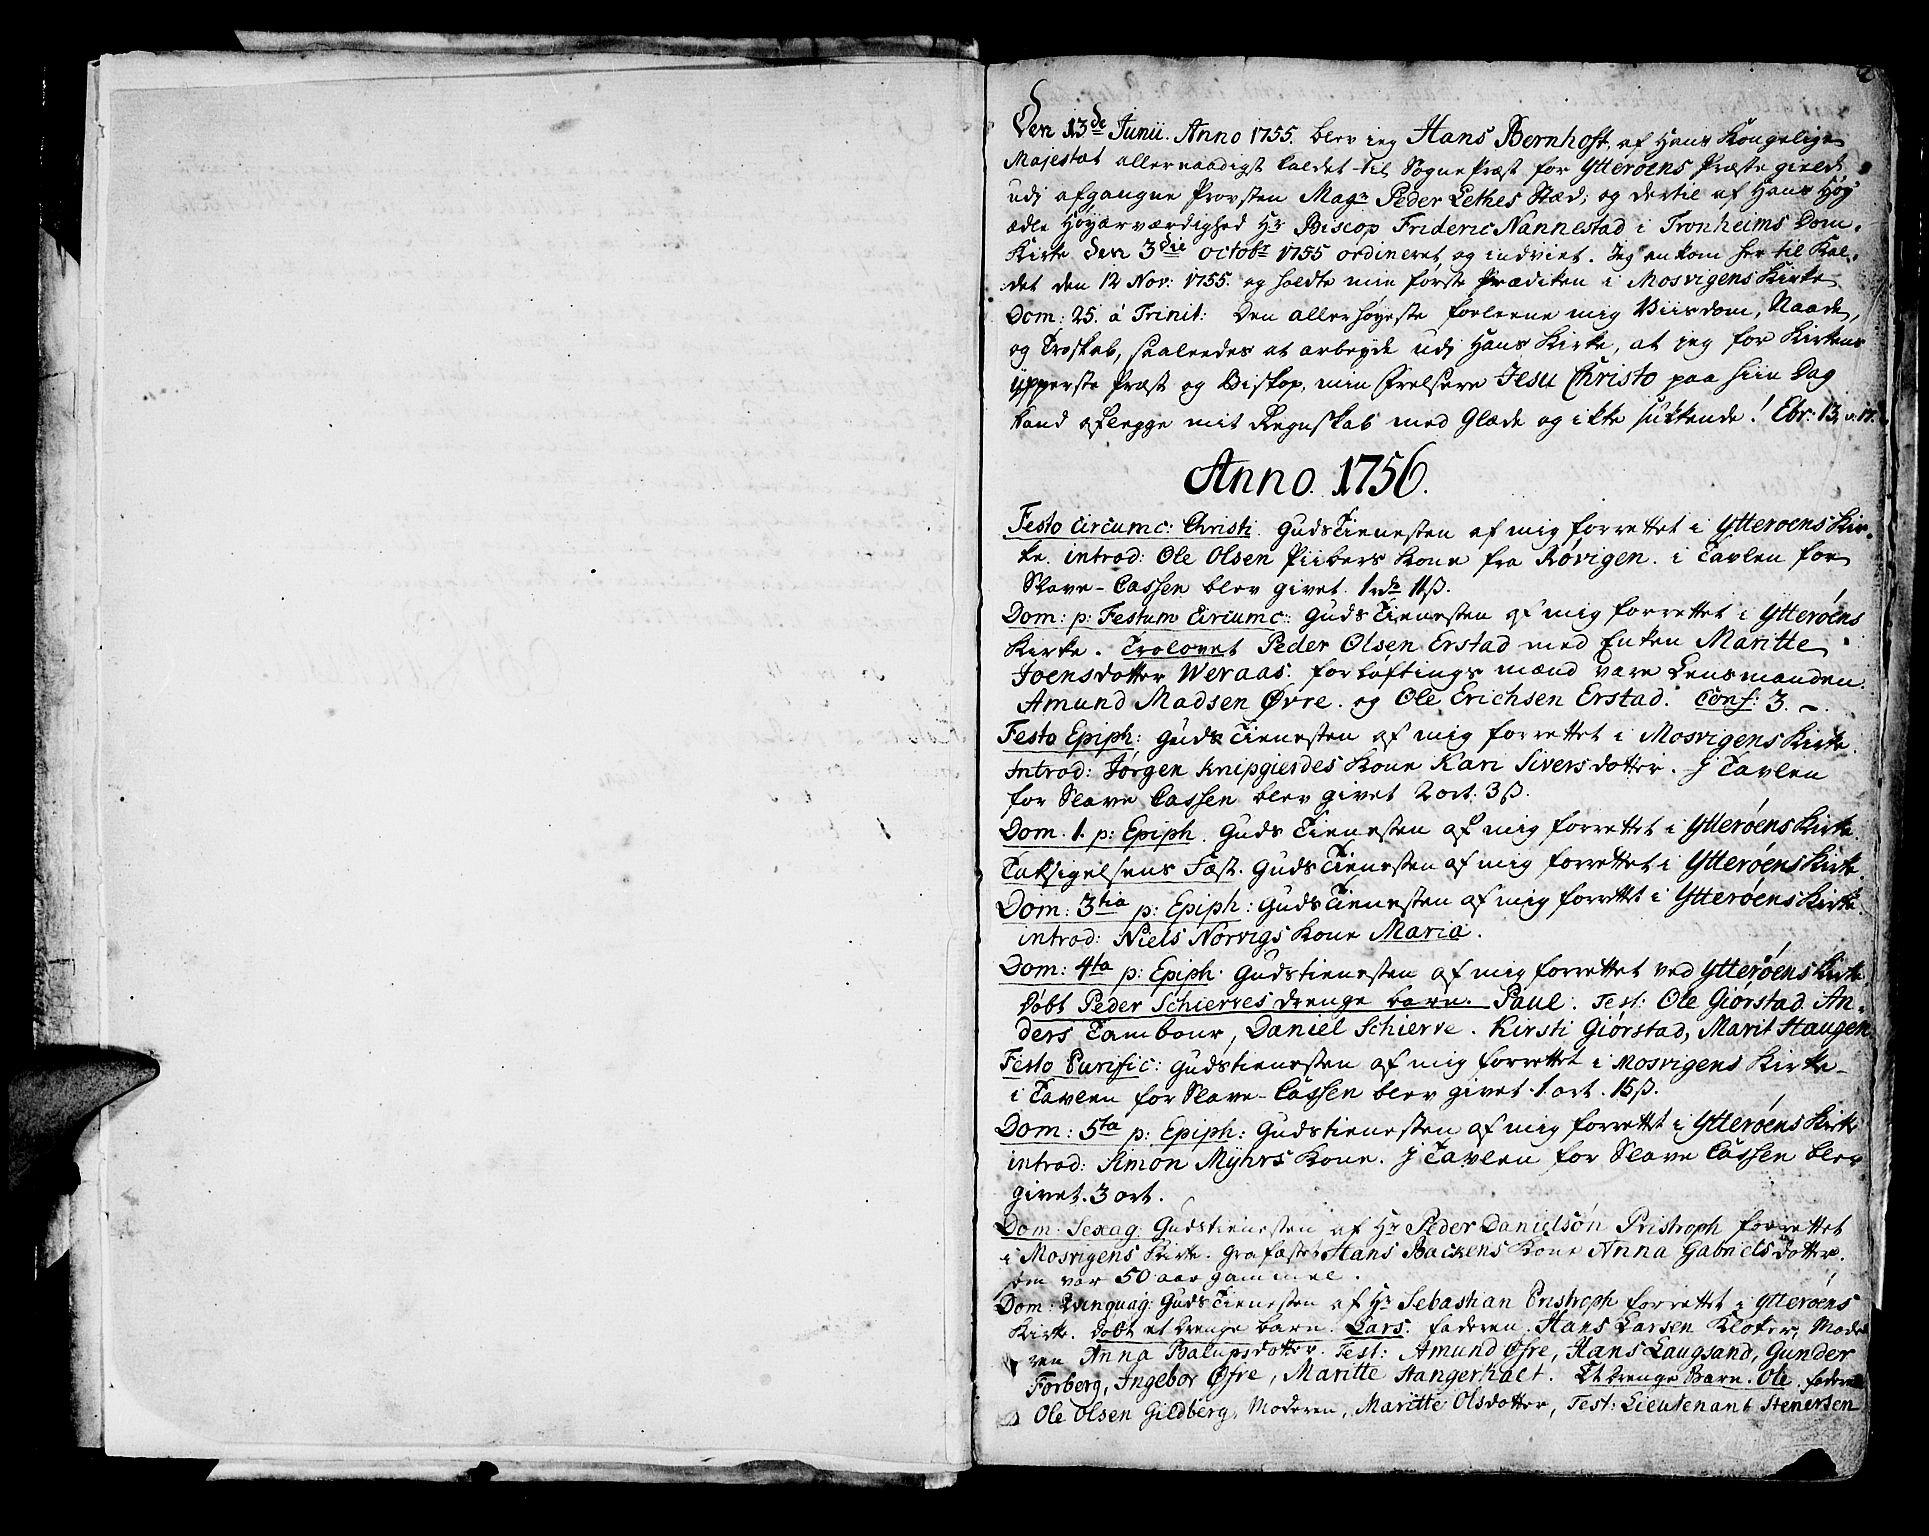 SAT, Ministerialprotokoller, klokkerbøker og fødselsregistre - Nord-Trøndelag, 722/L0216: Ministerialbok nr. 722A03, 1756-1816, s. 2